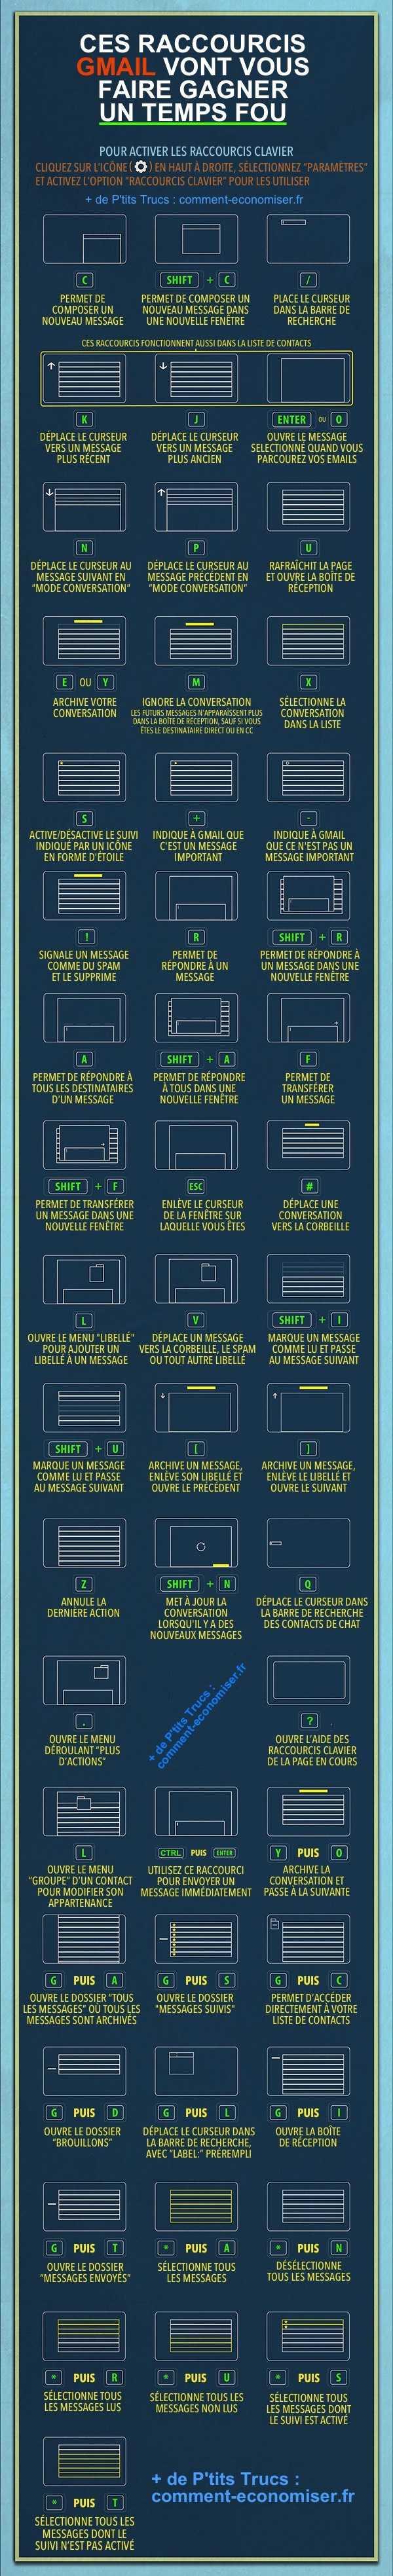 Le guide pratique pour savoir comment faire les raccourcis Gmail sur votre clavier.